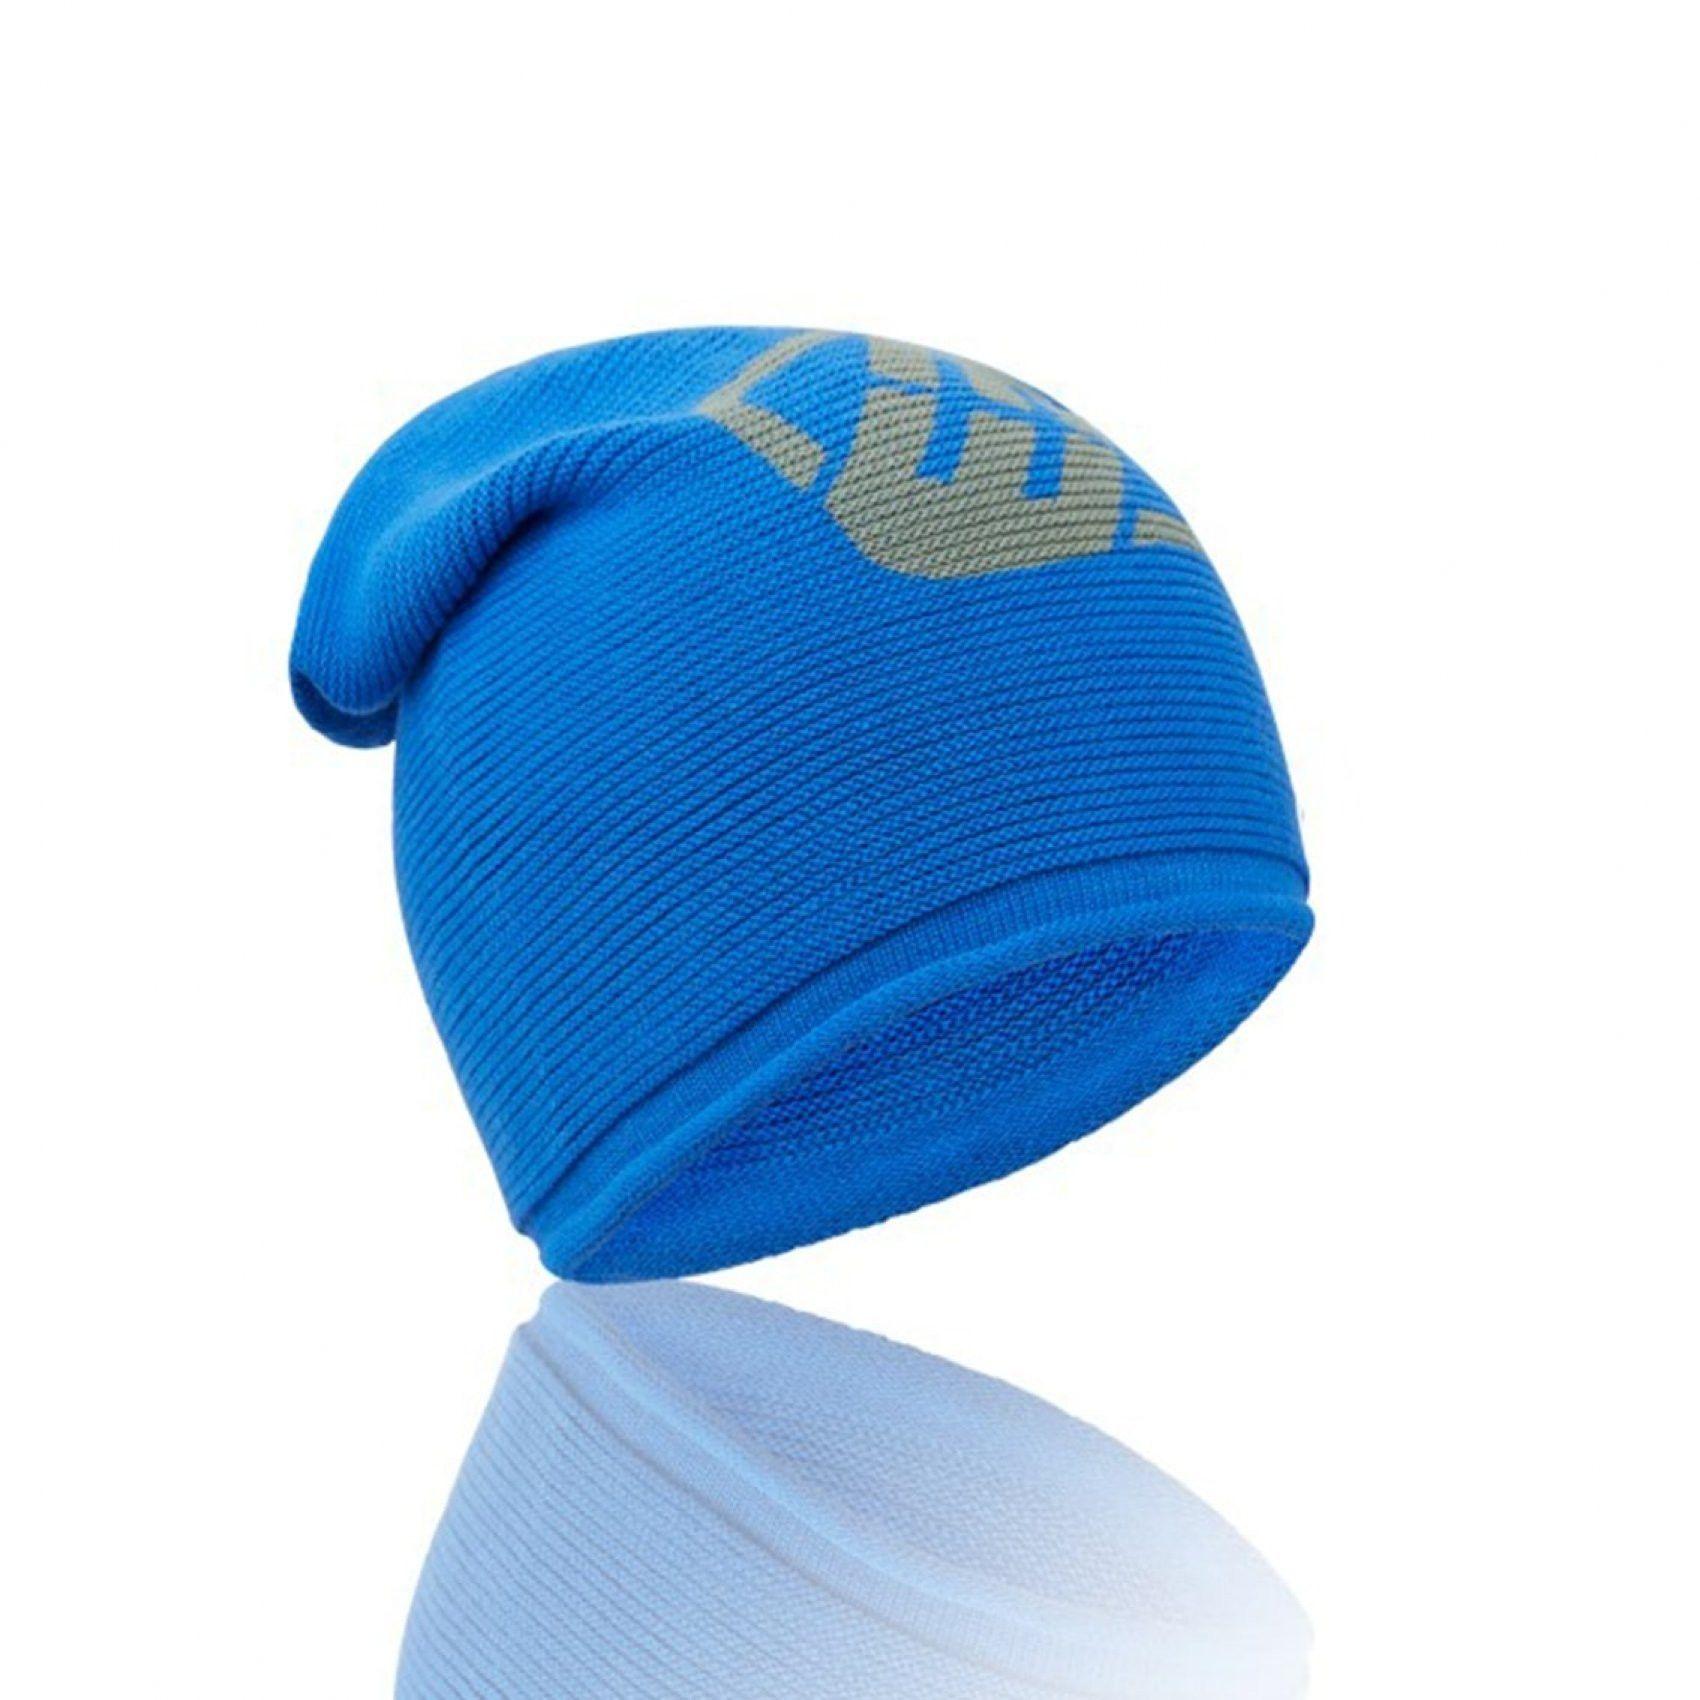 Bonnet homme logo bleu (photo)